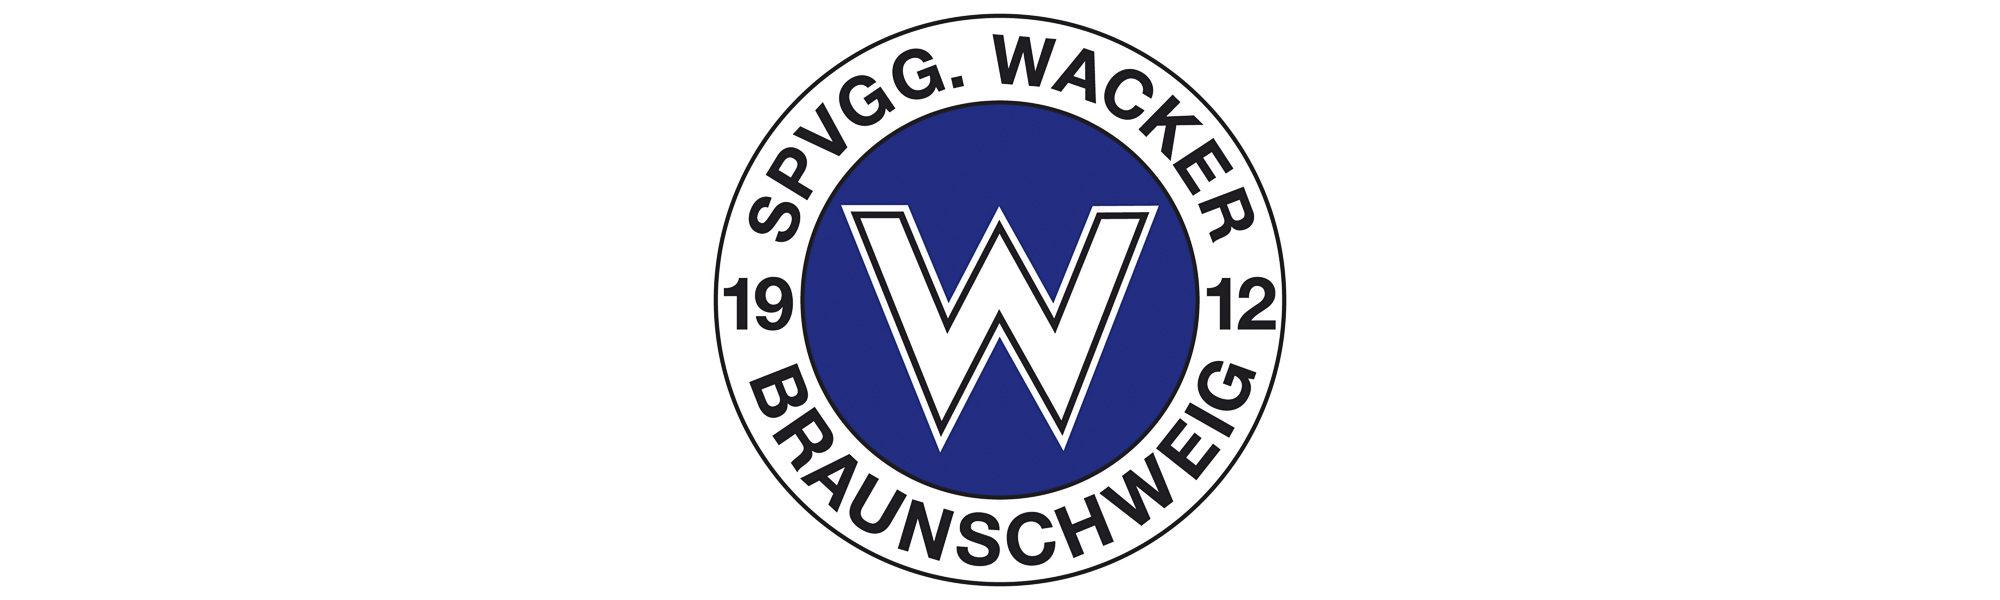 SpVgg Wacker Braunschweig von 1912 e.V.